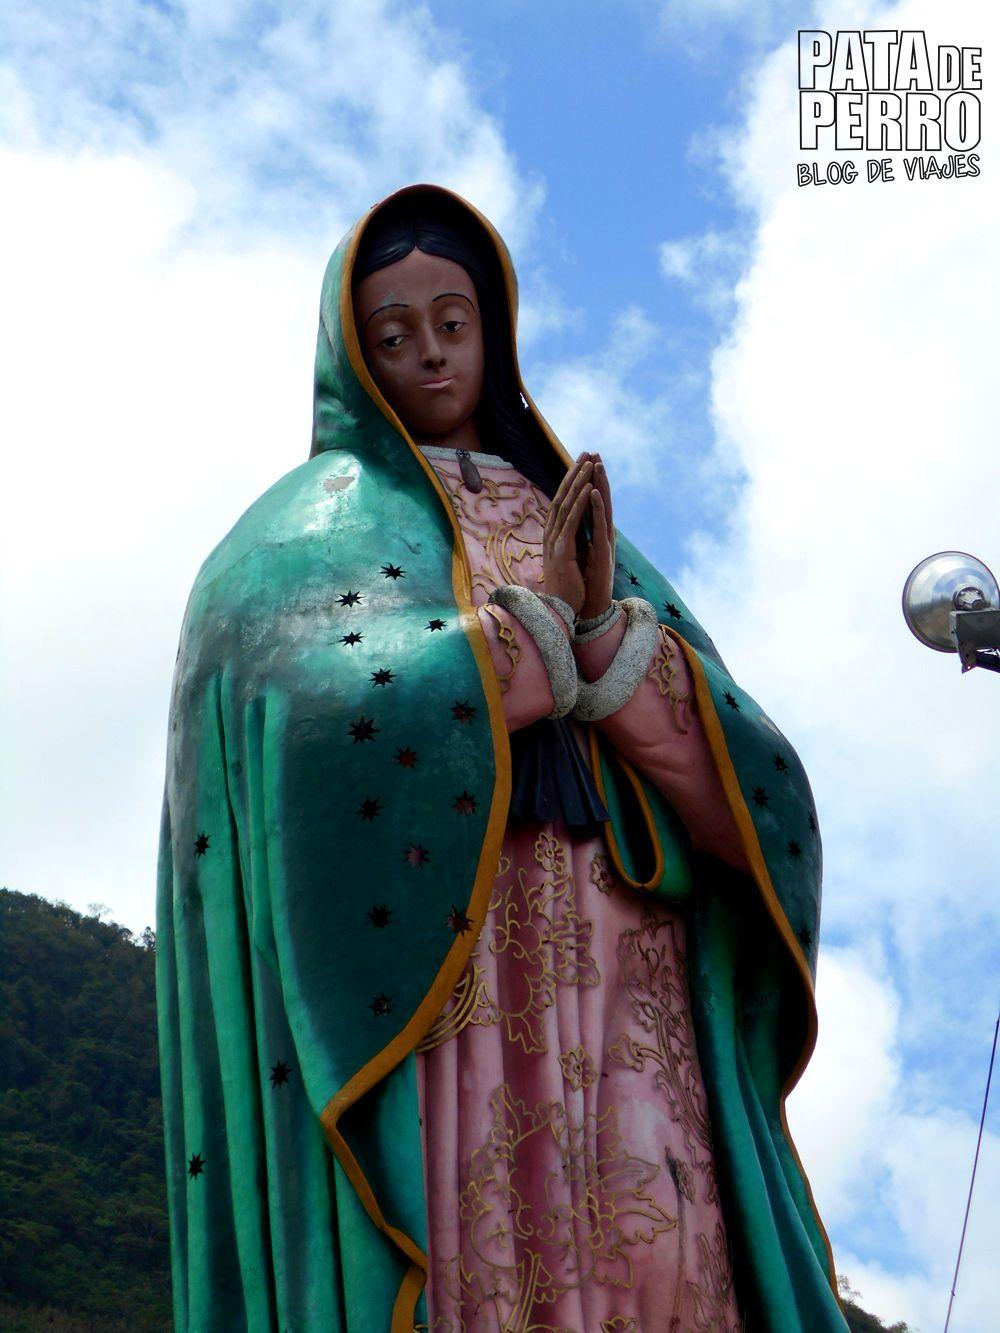 xicotepec puebla con isi virgen gigante mexico pata de perro blog de viajes21